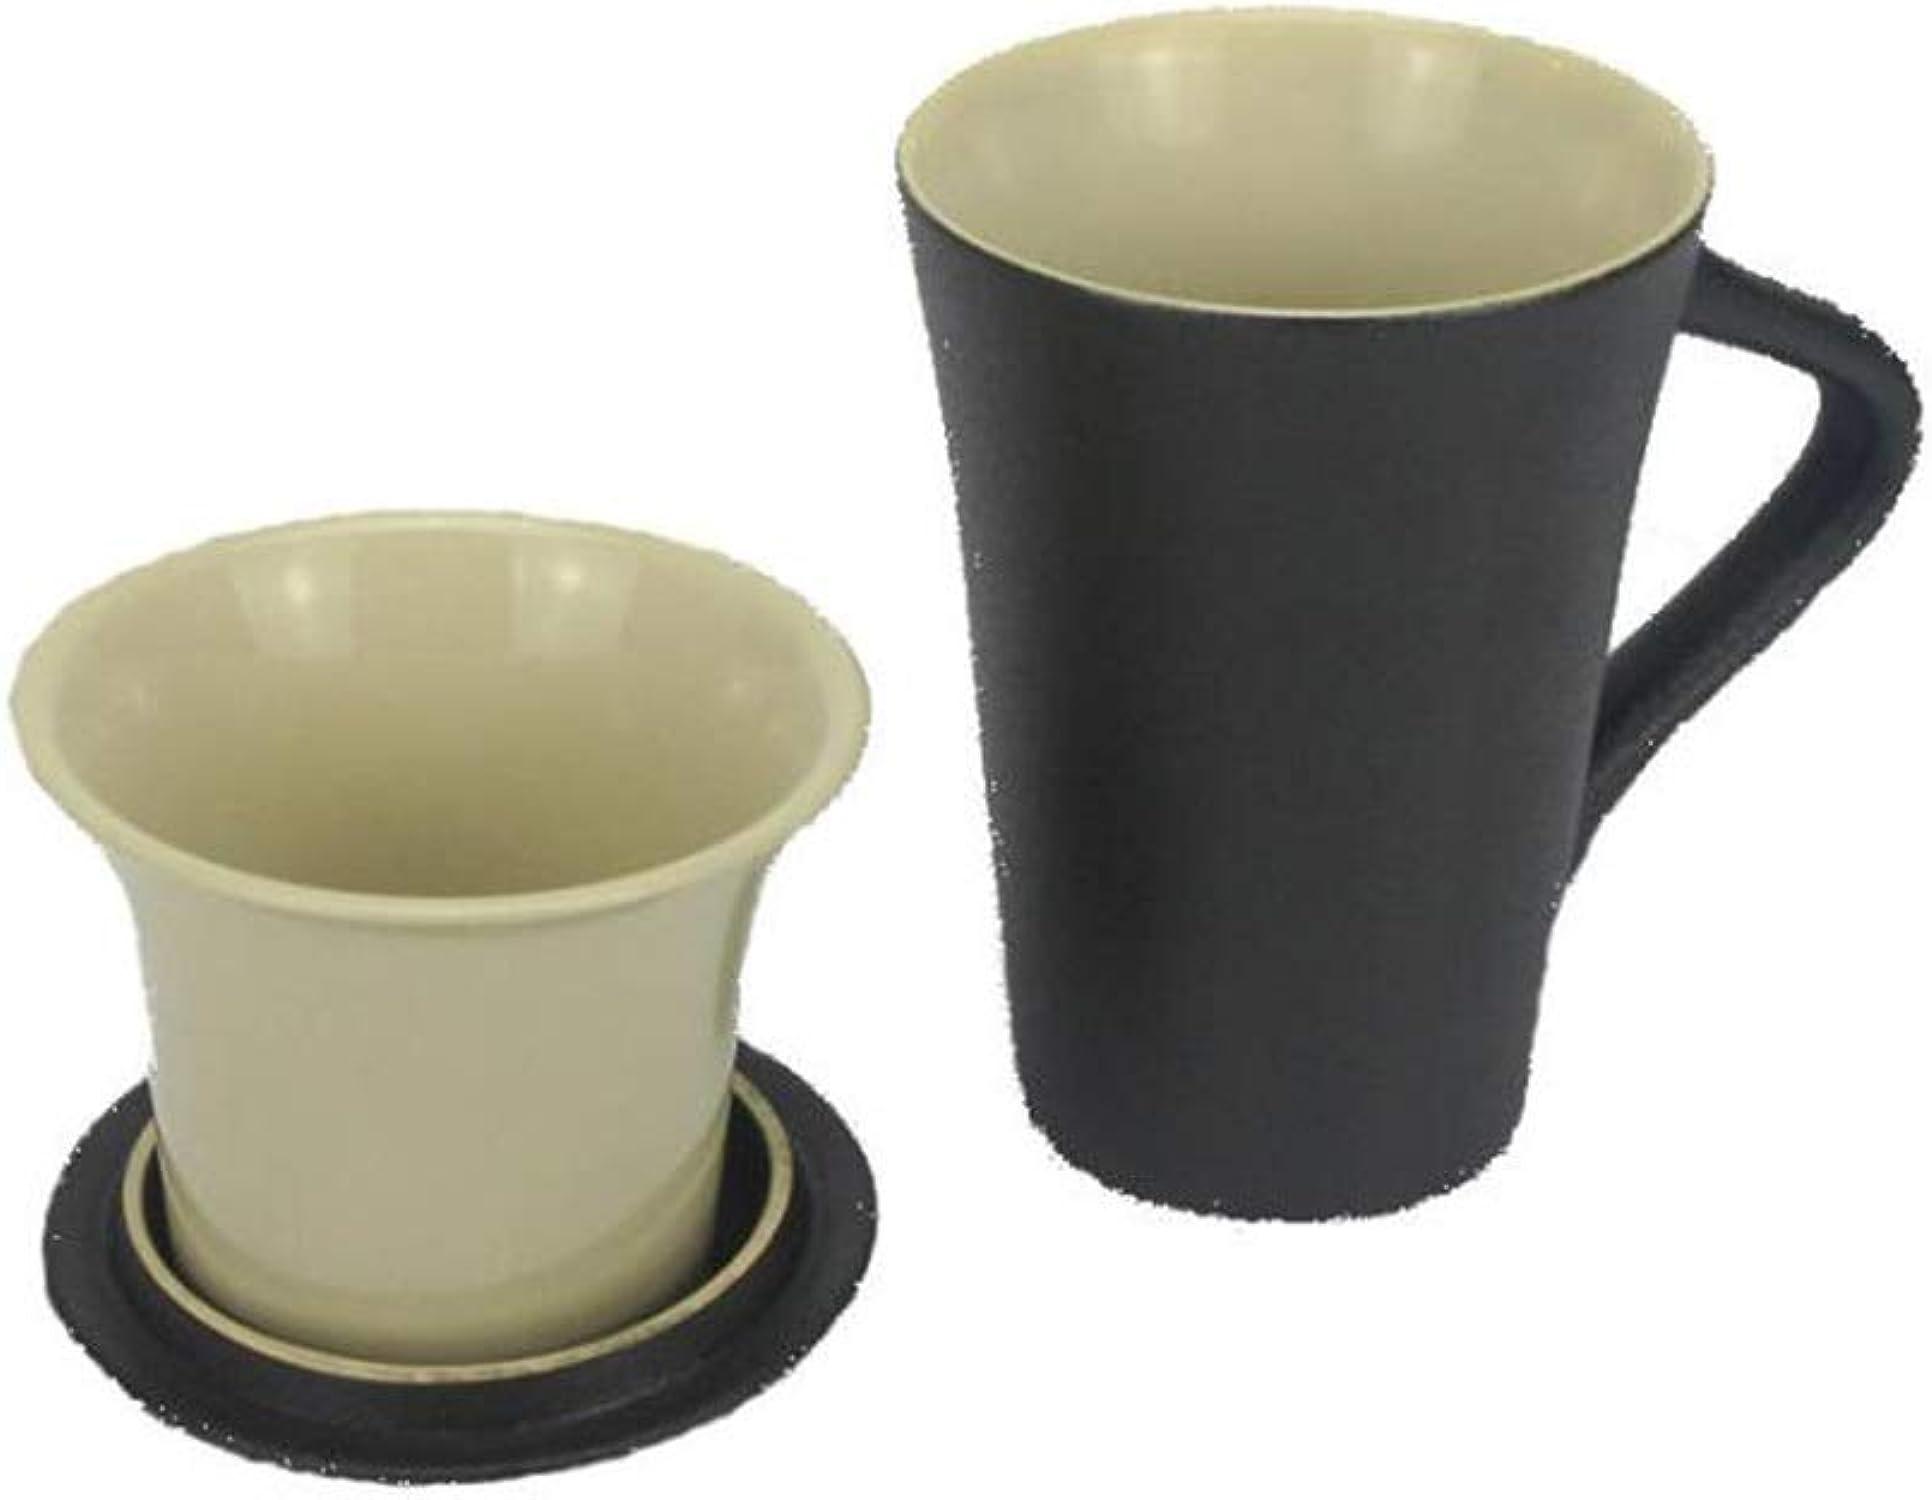 Tasse En Grès Blanche, Tasse à Thé Personnelle, Cadeaux Maison Affaires